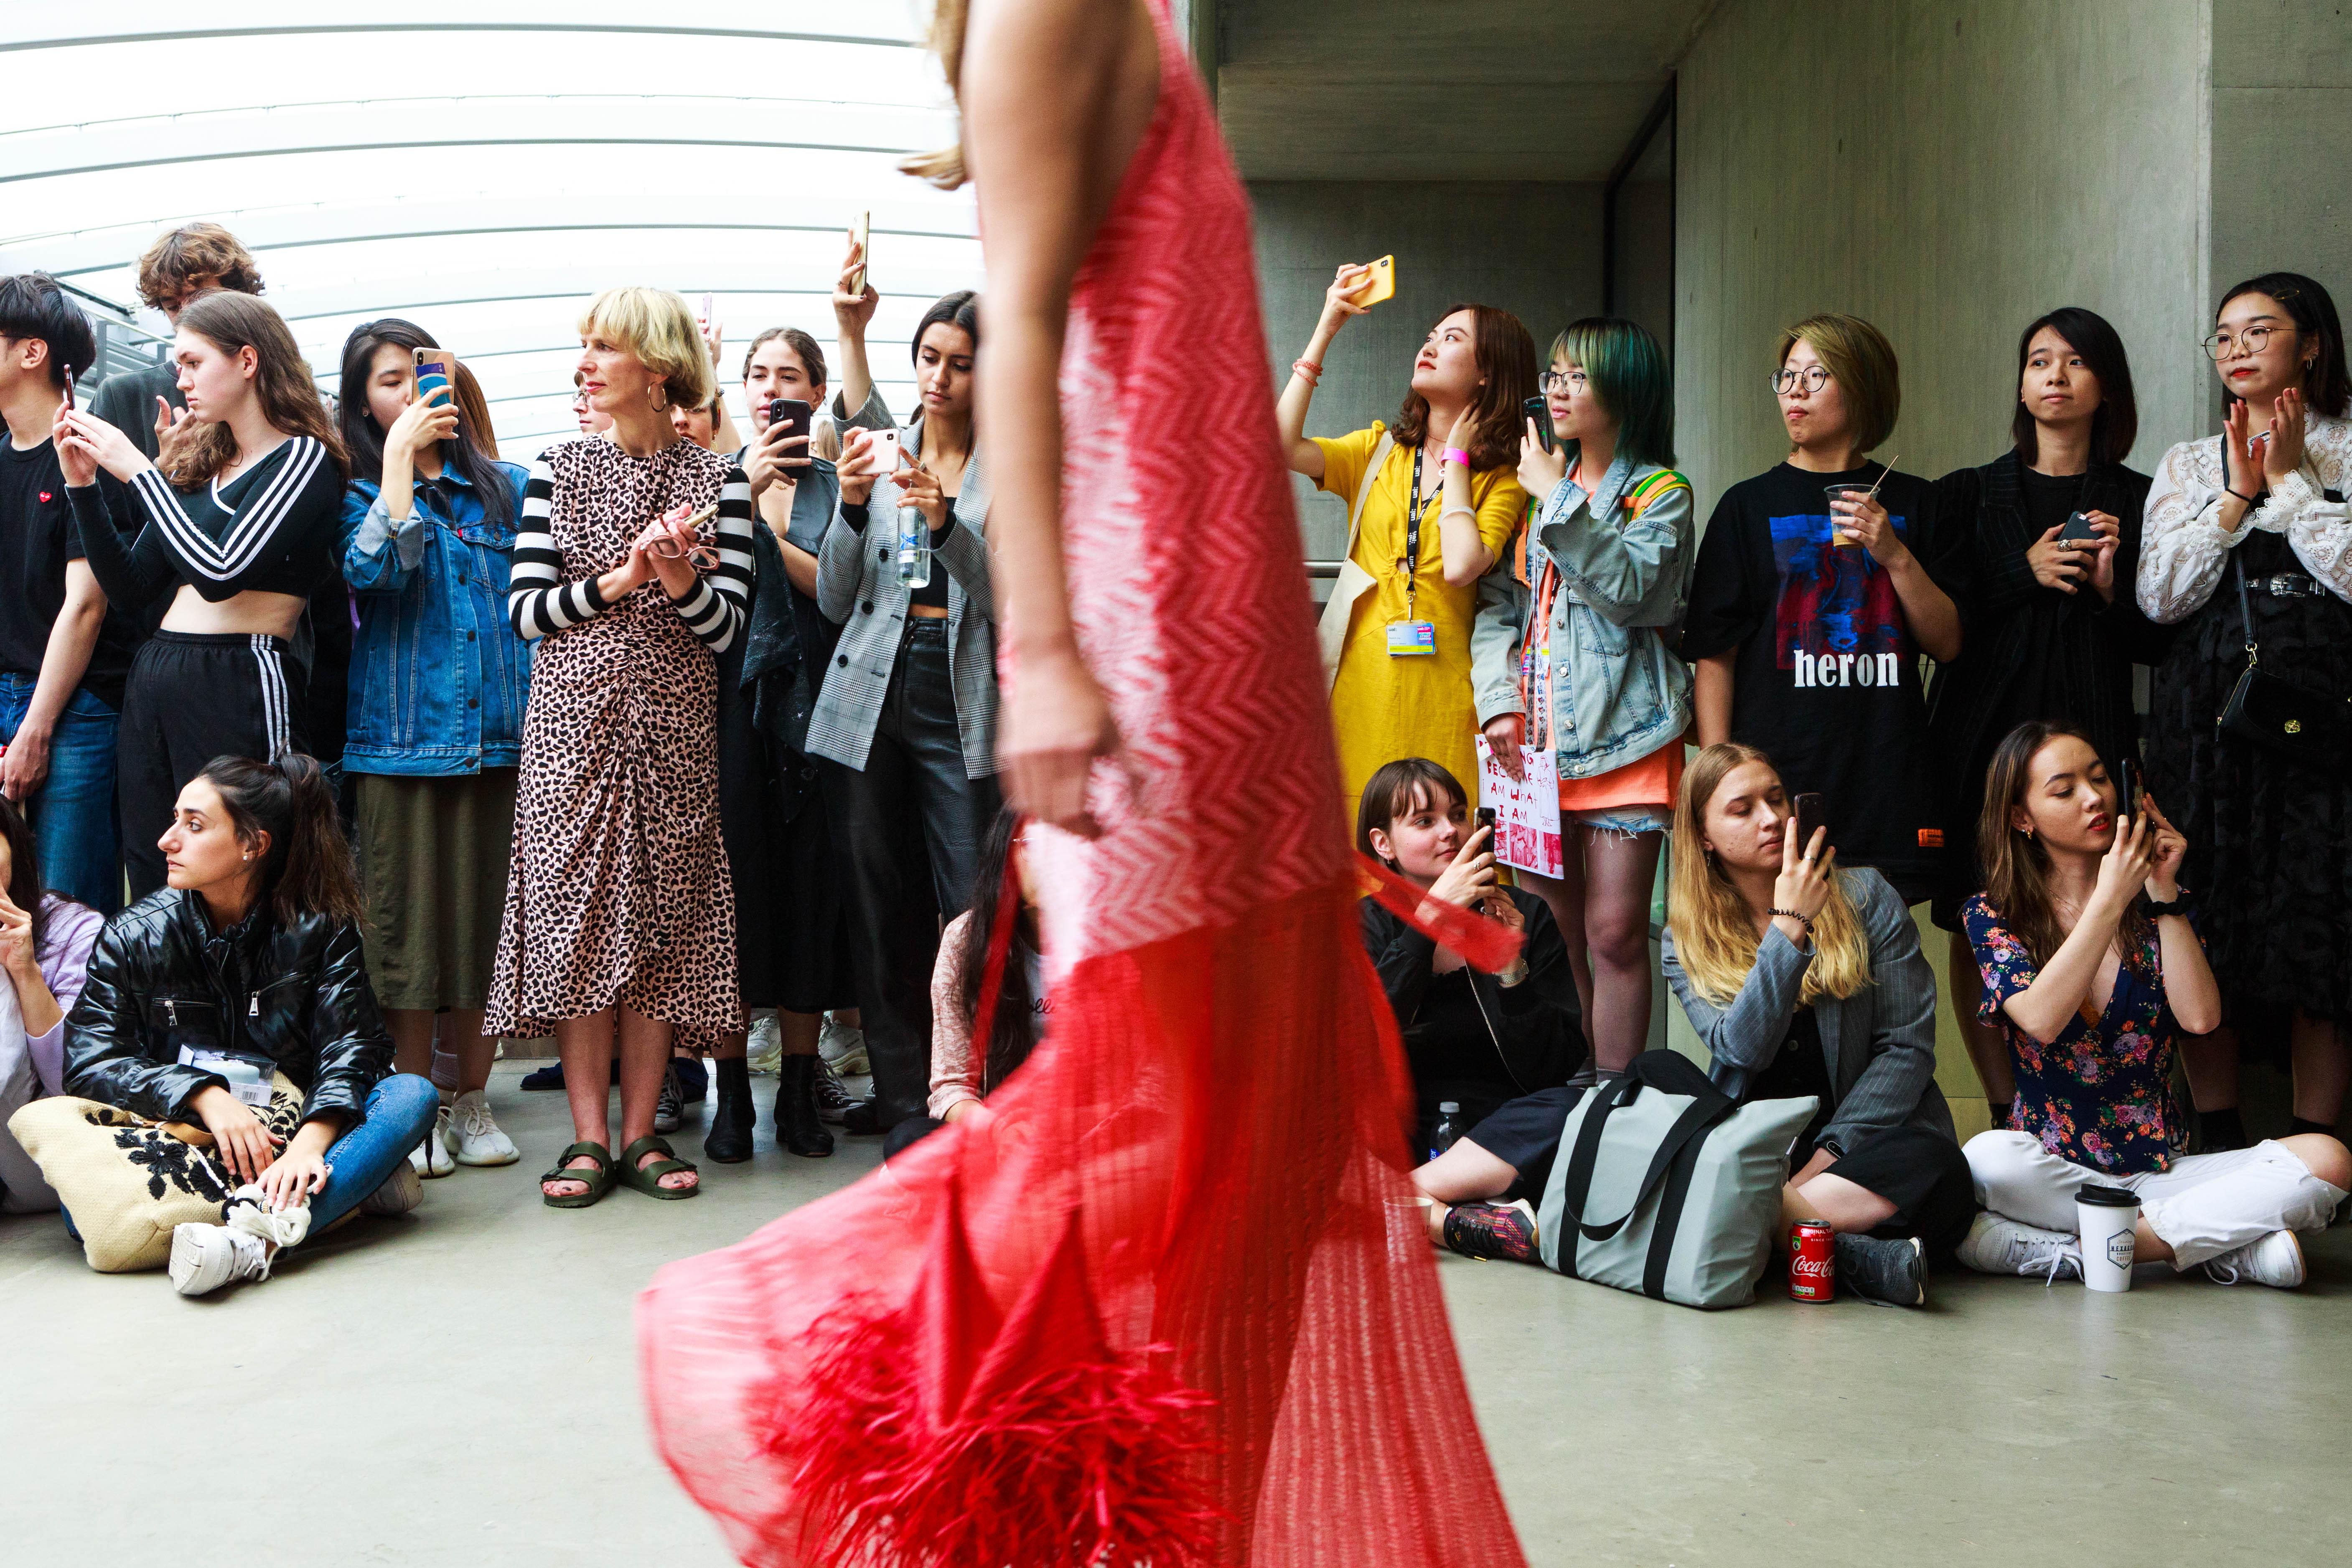 Experimental-Fashion-Knitwear-Study-Abroad-2.jpg